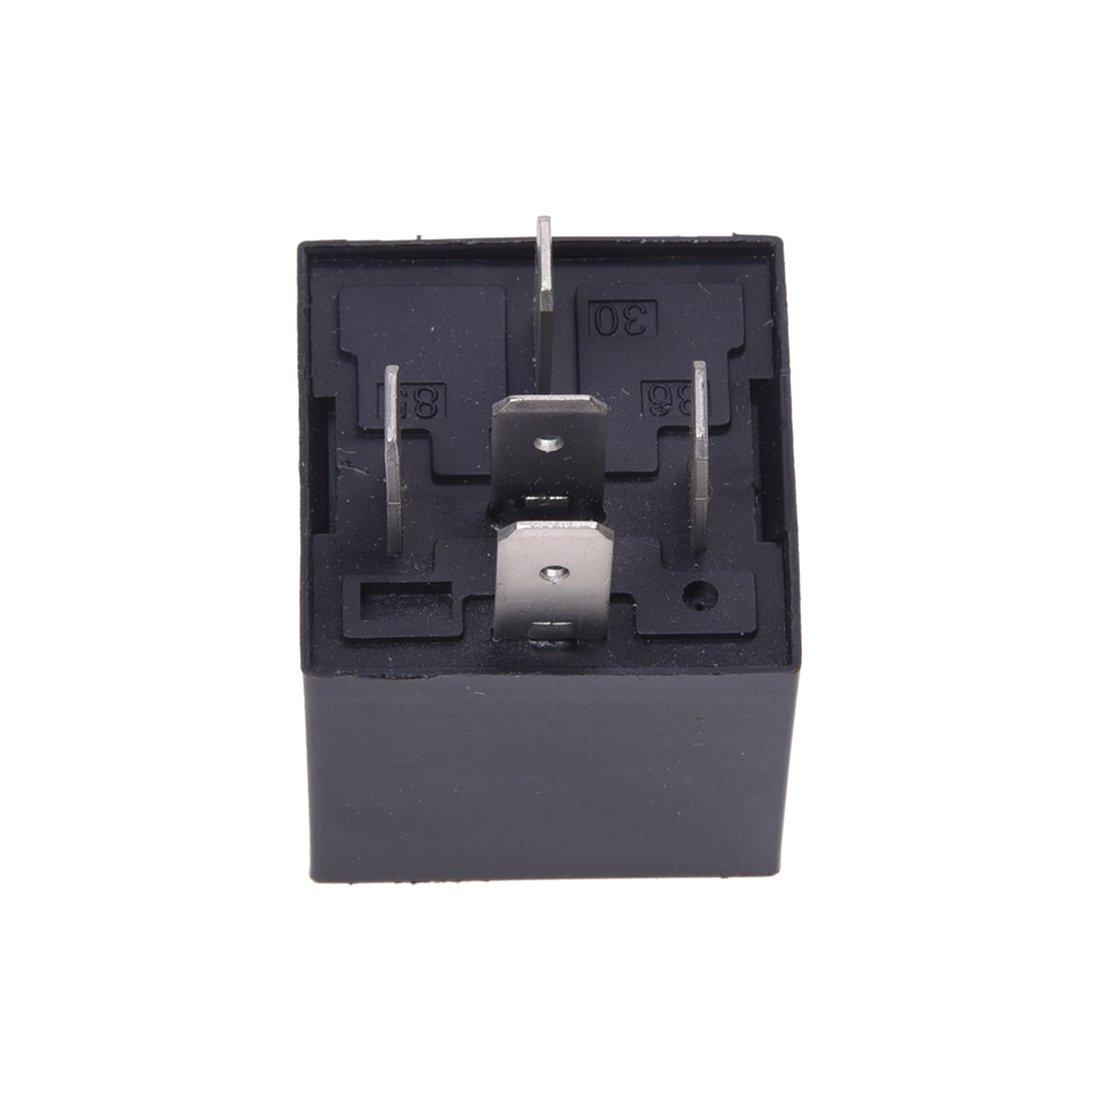 Gaoominy Rele de Repetidor 12V 30A 5 Pines 40A para Coche Automatico